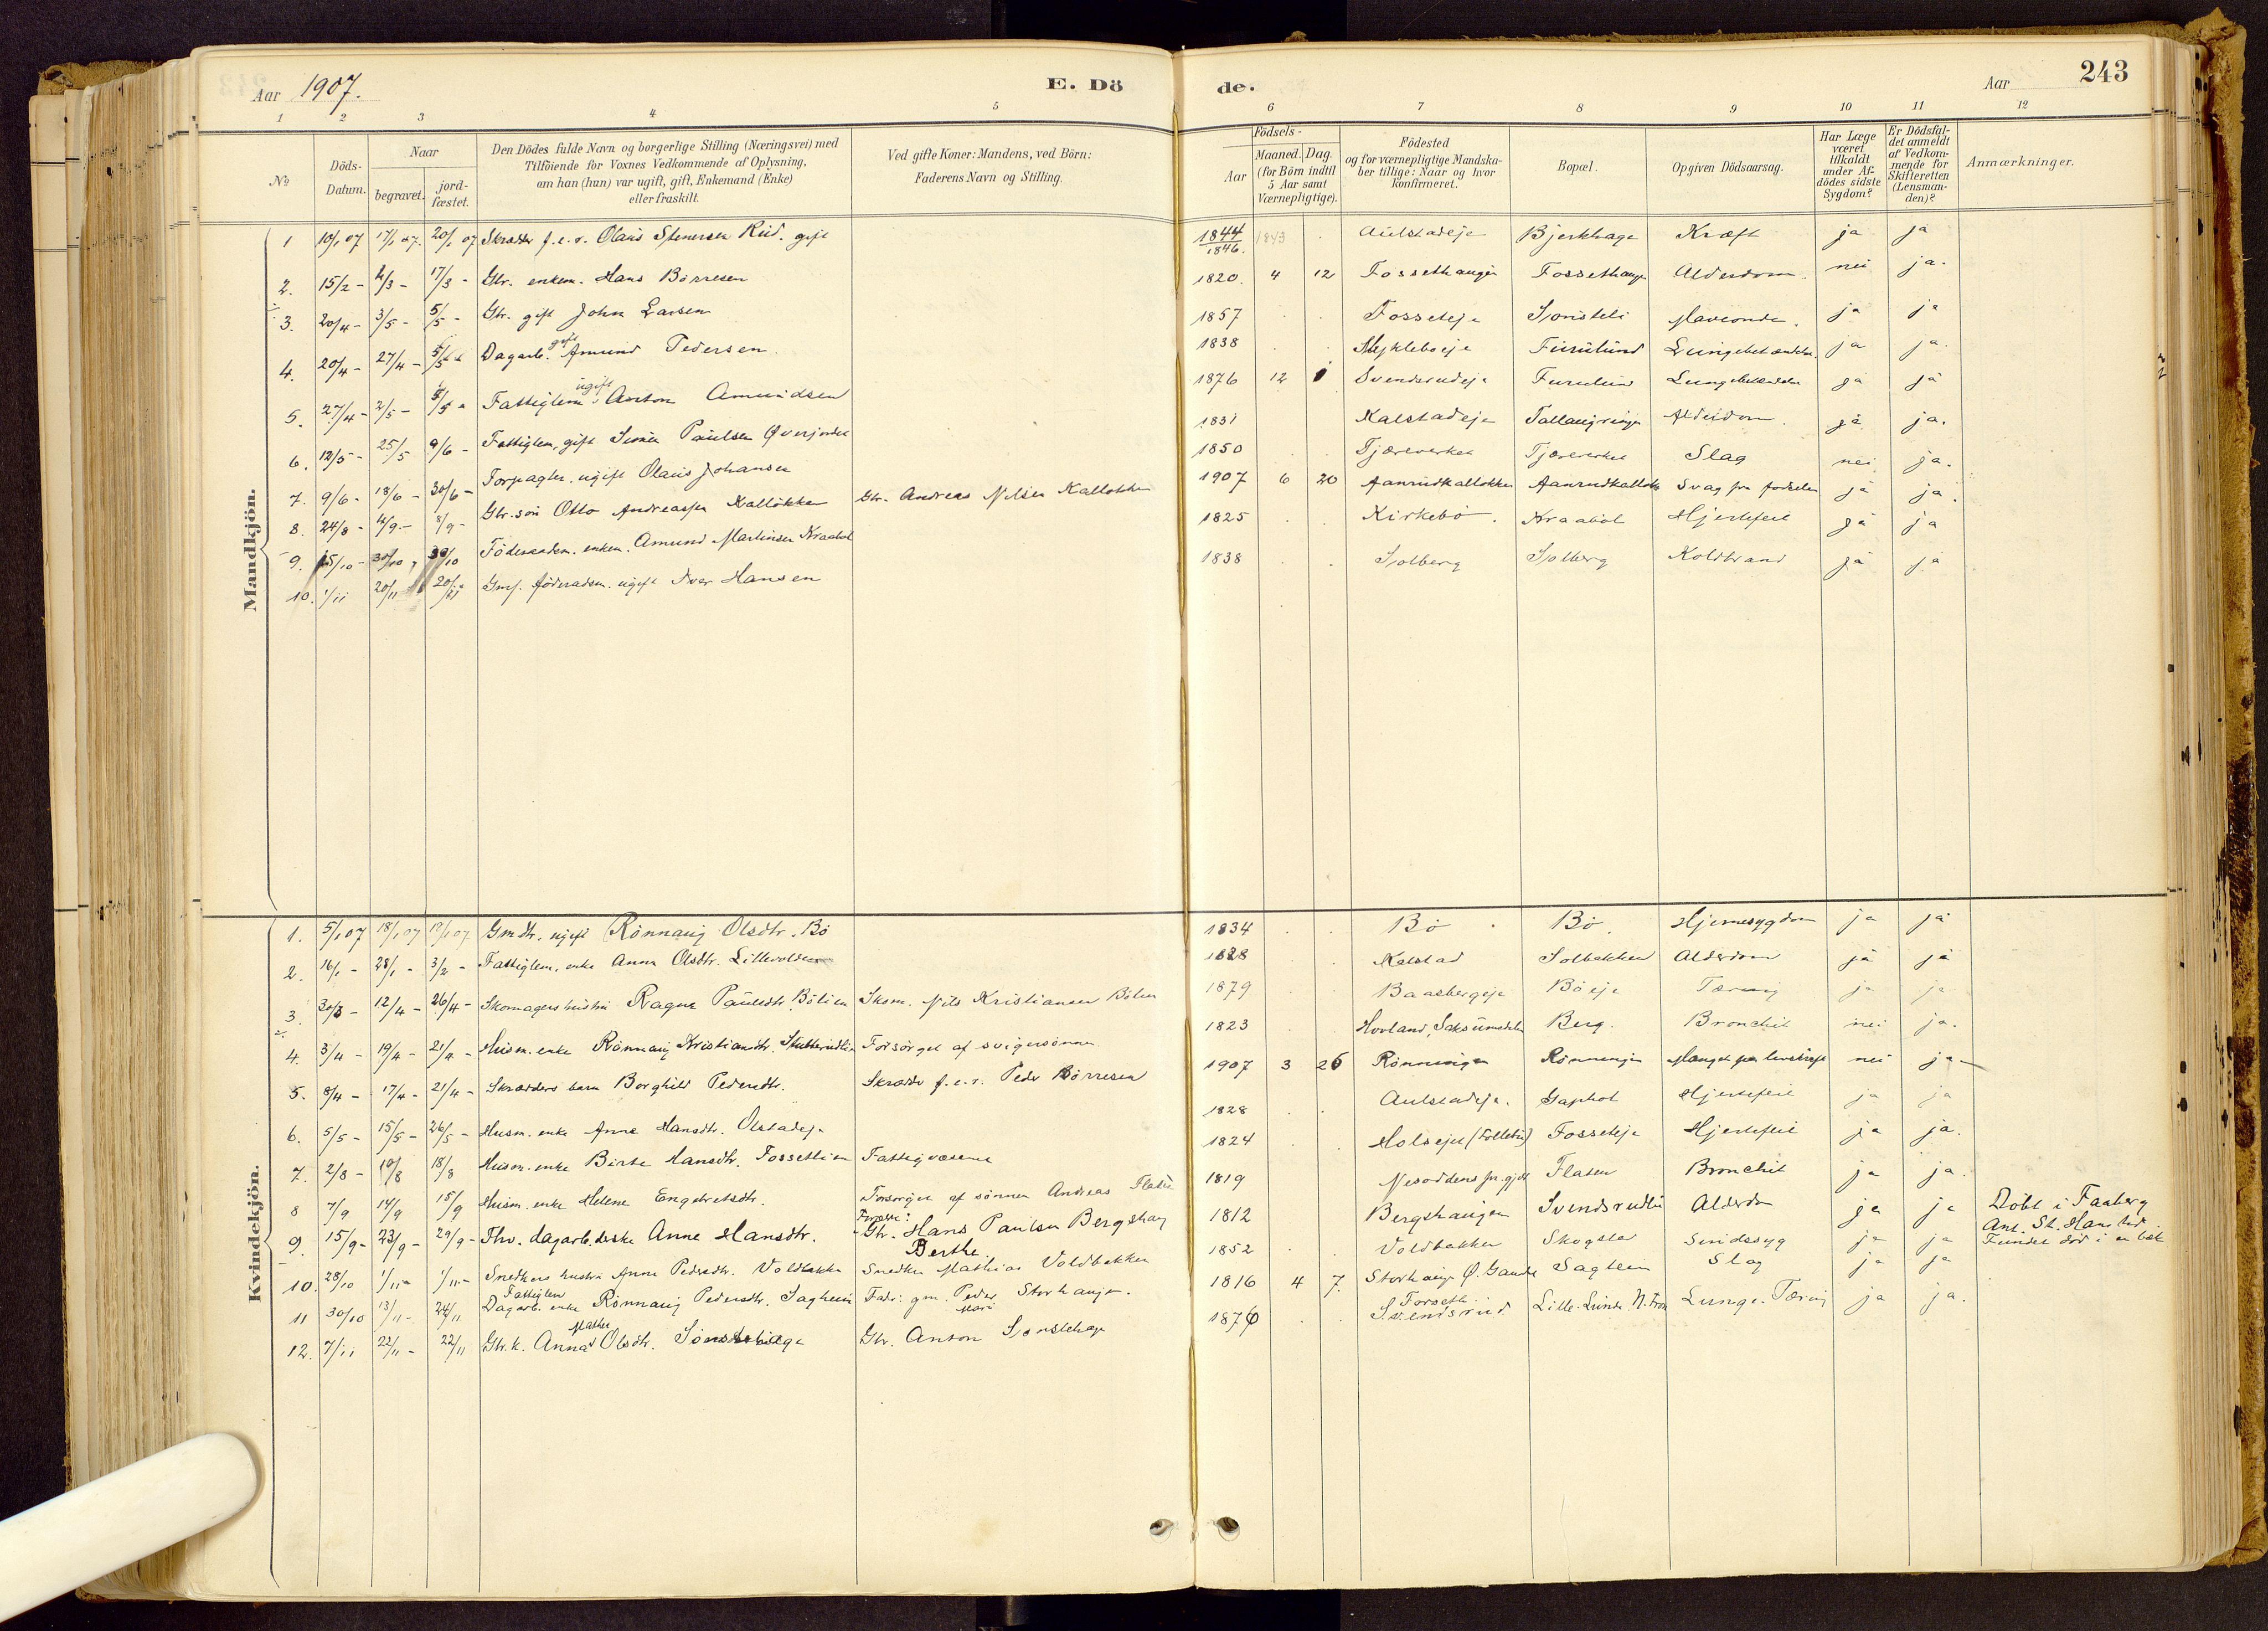 SAH, Vestre Gausdal prestekontor, Parish register (official) no. 1, 1887-1914, p. 243